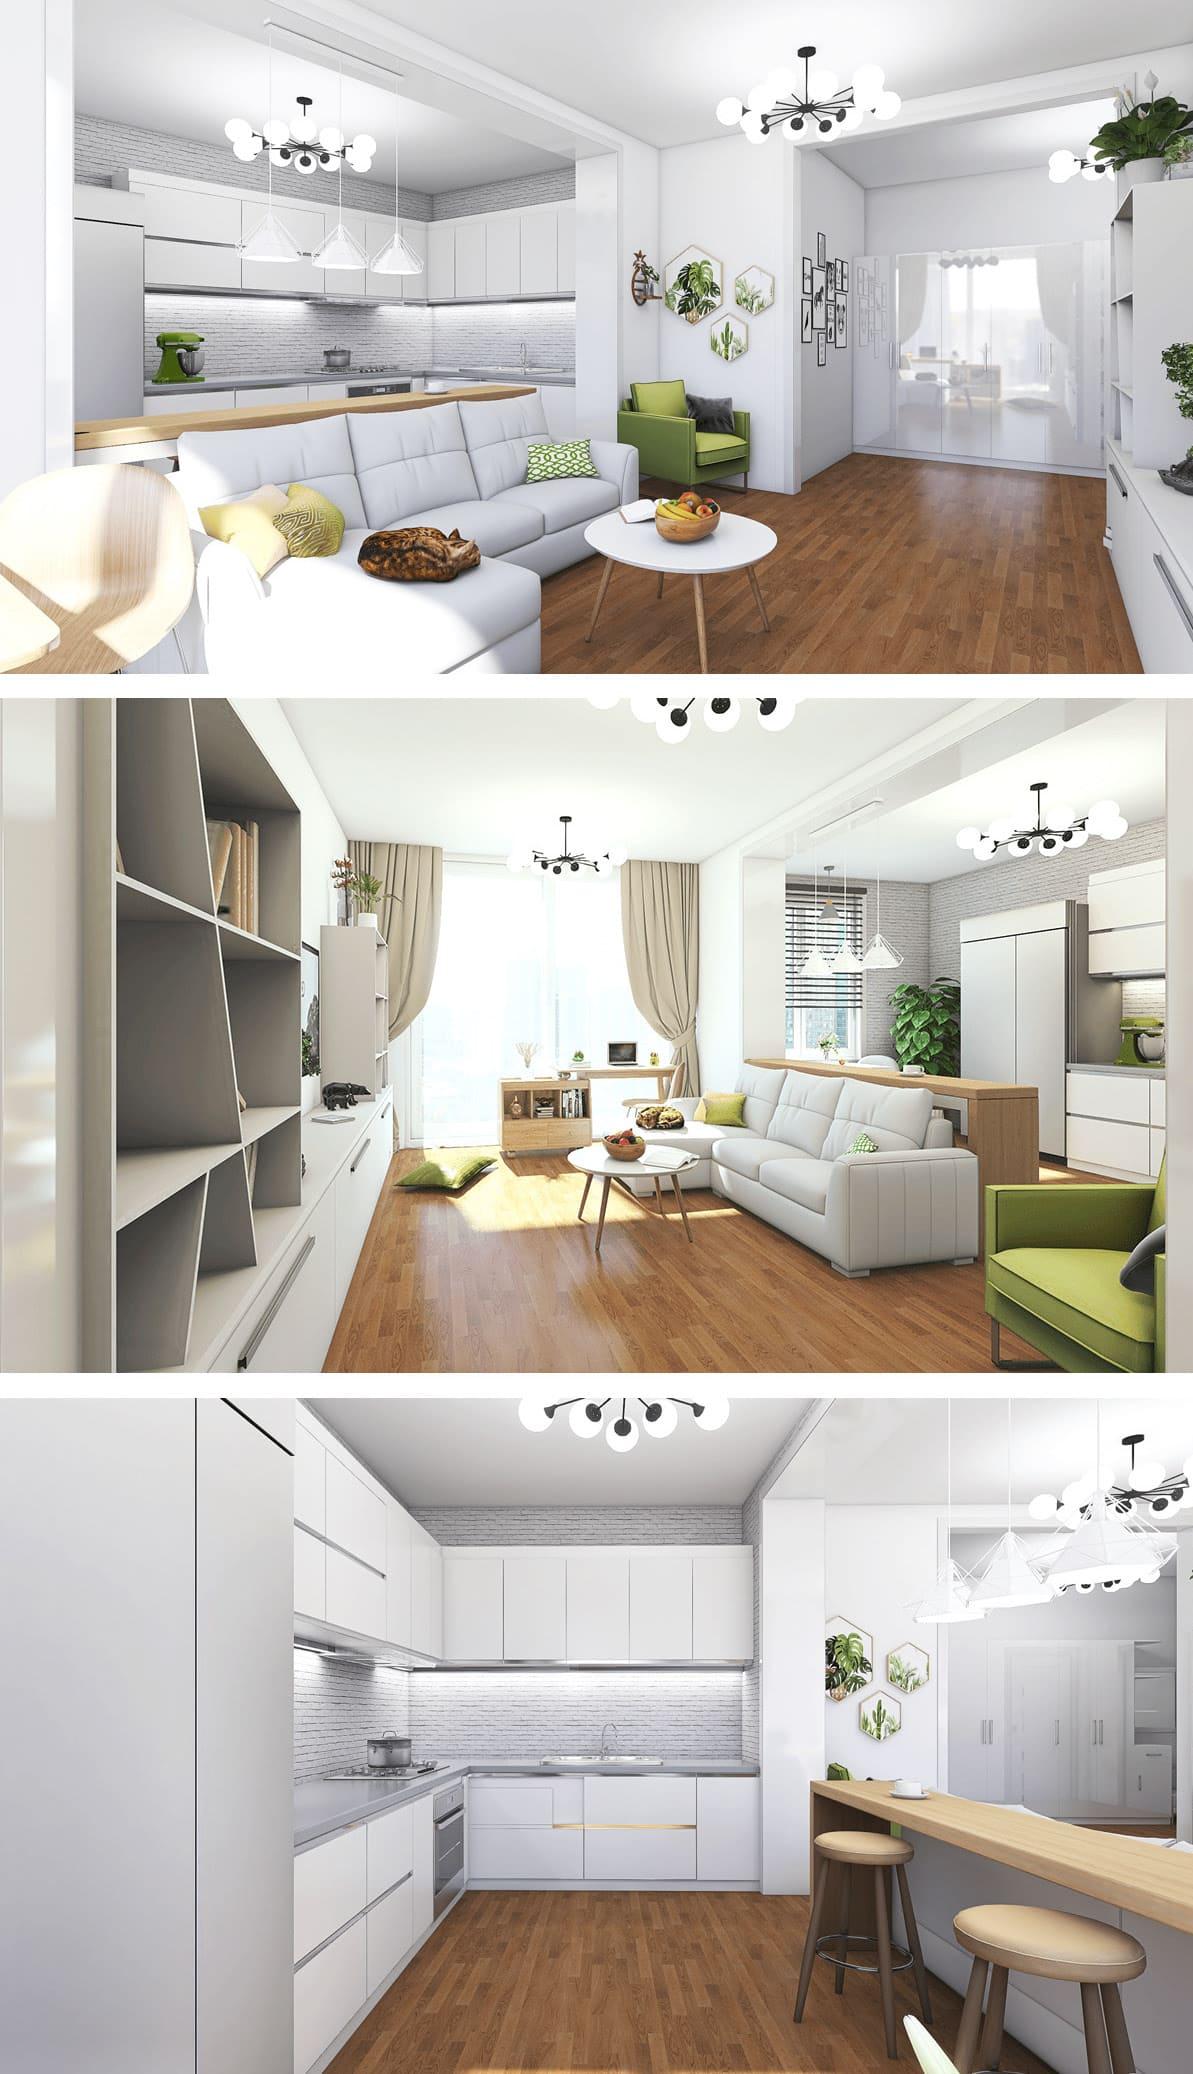 Conception d'un appartement à une chambre photo 25